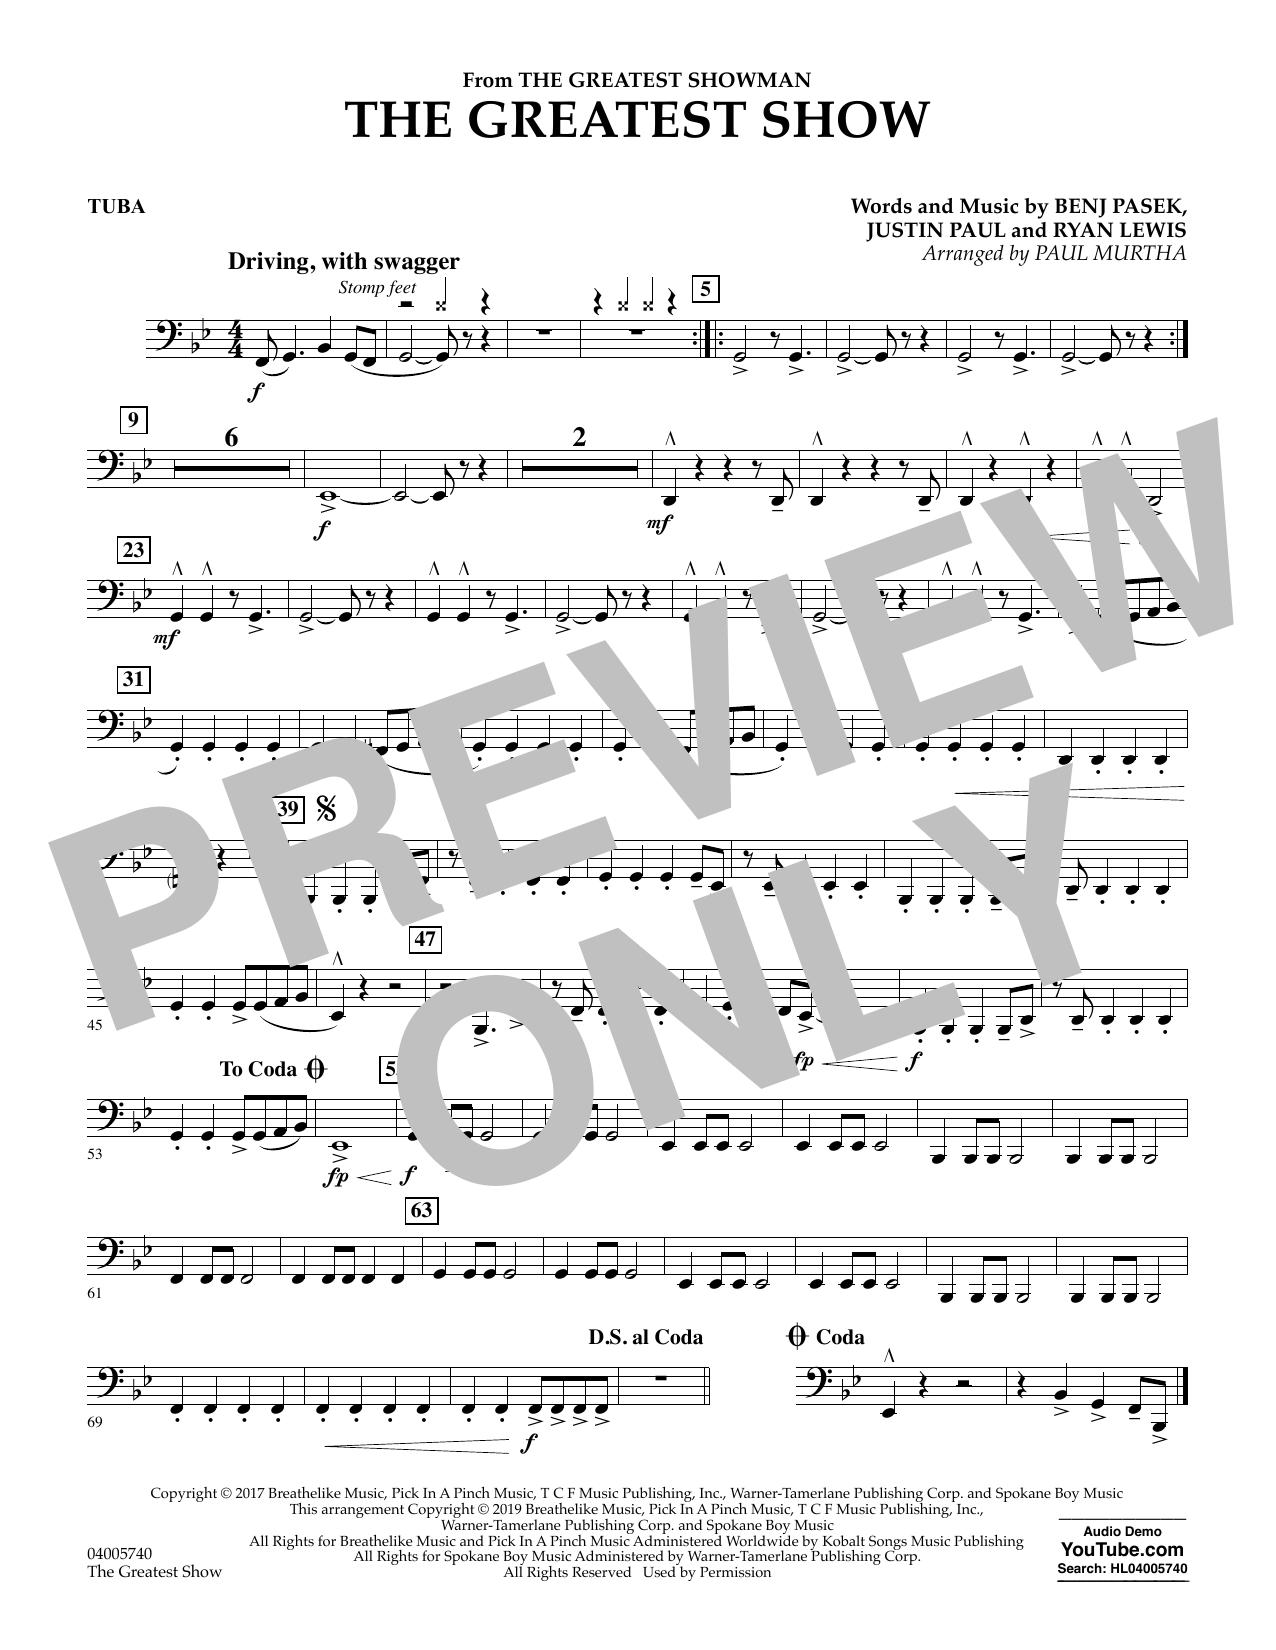 The Greatest Show  (arr. Paul Murtha) - Tuba (Concert Band)